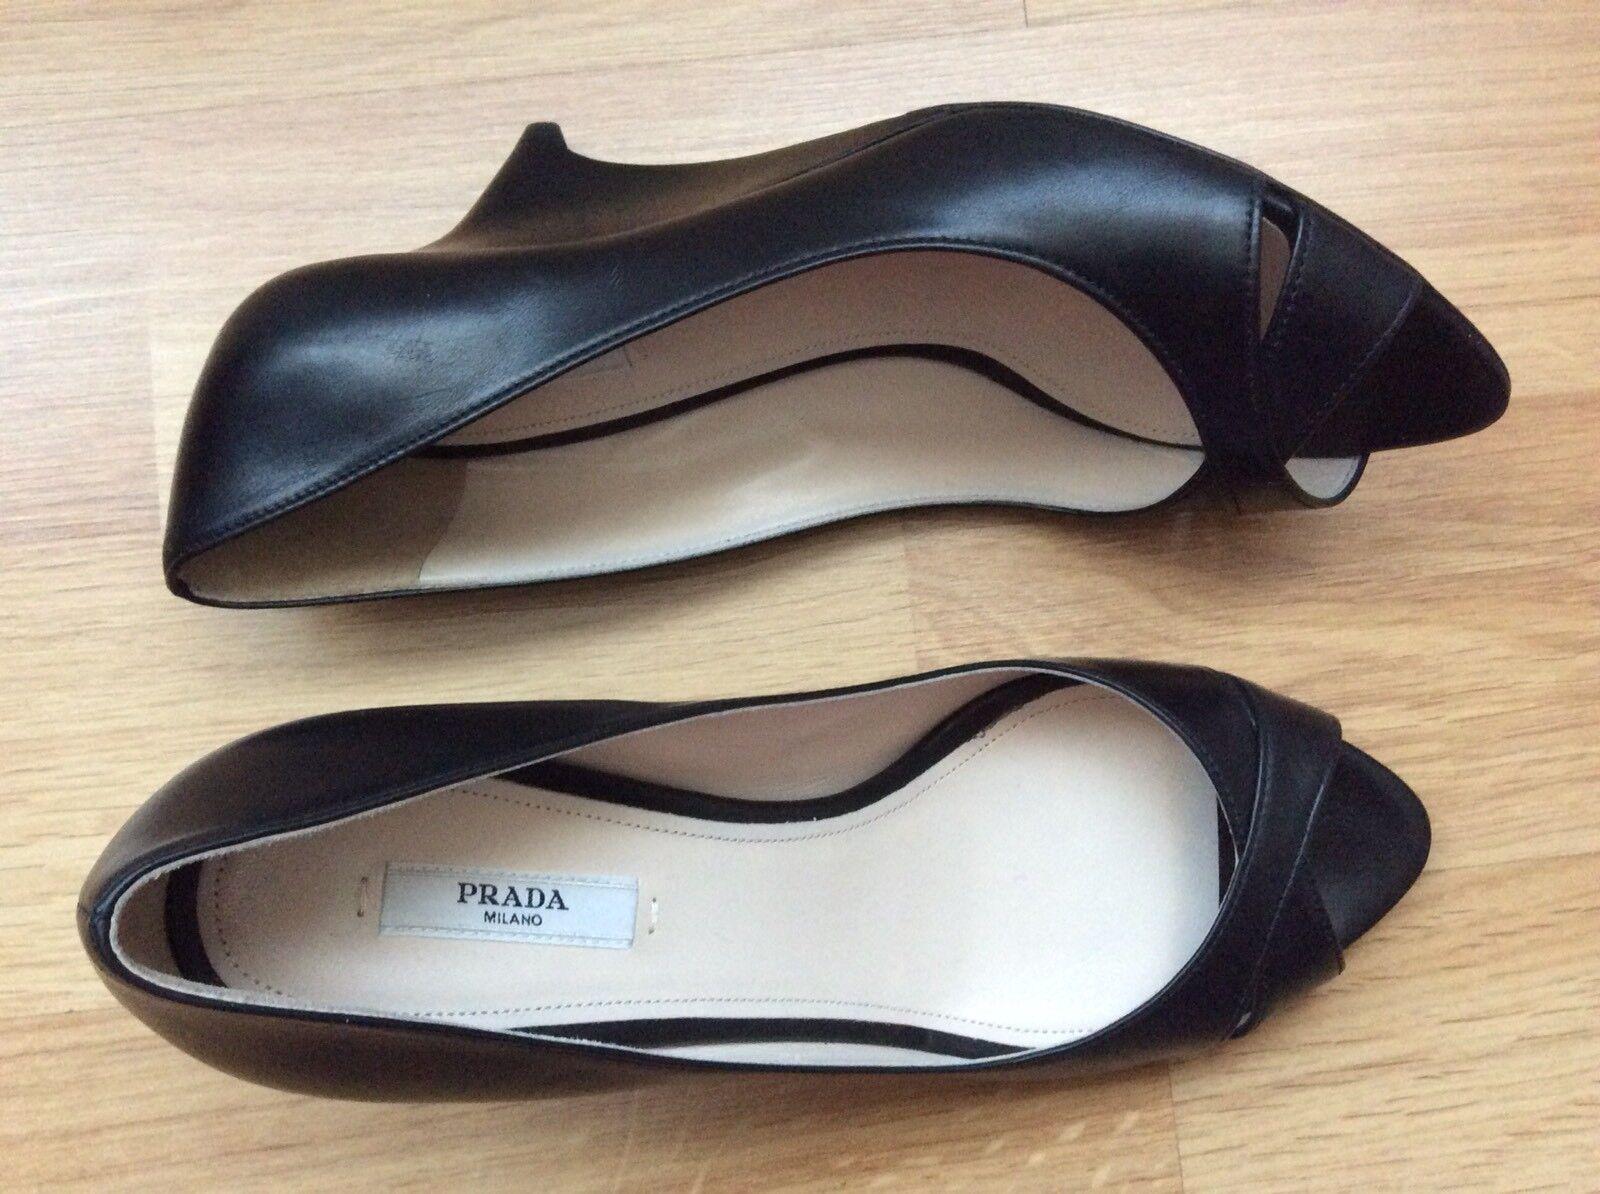 NUOVO Prada Milano in  pelle nera Peep Toe Wedges Heels Pumps Dimensione 39 Made in   fino al 60% di sconto